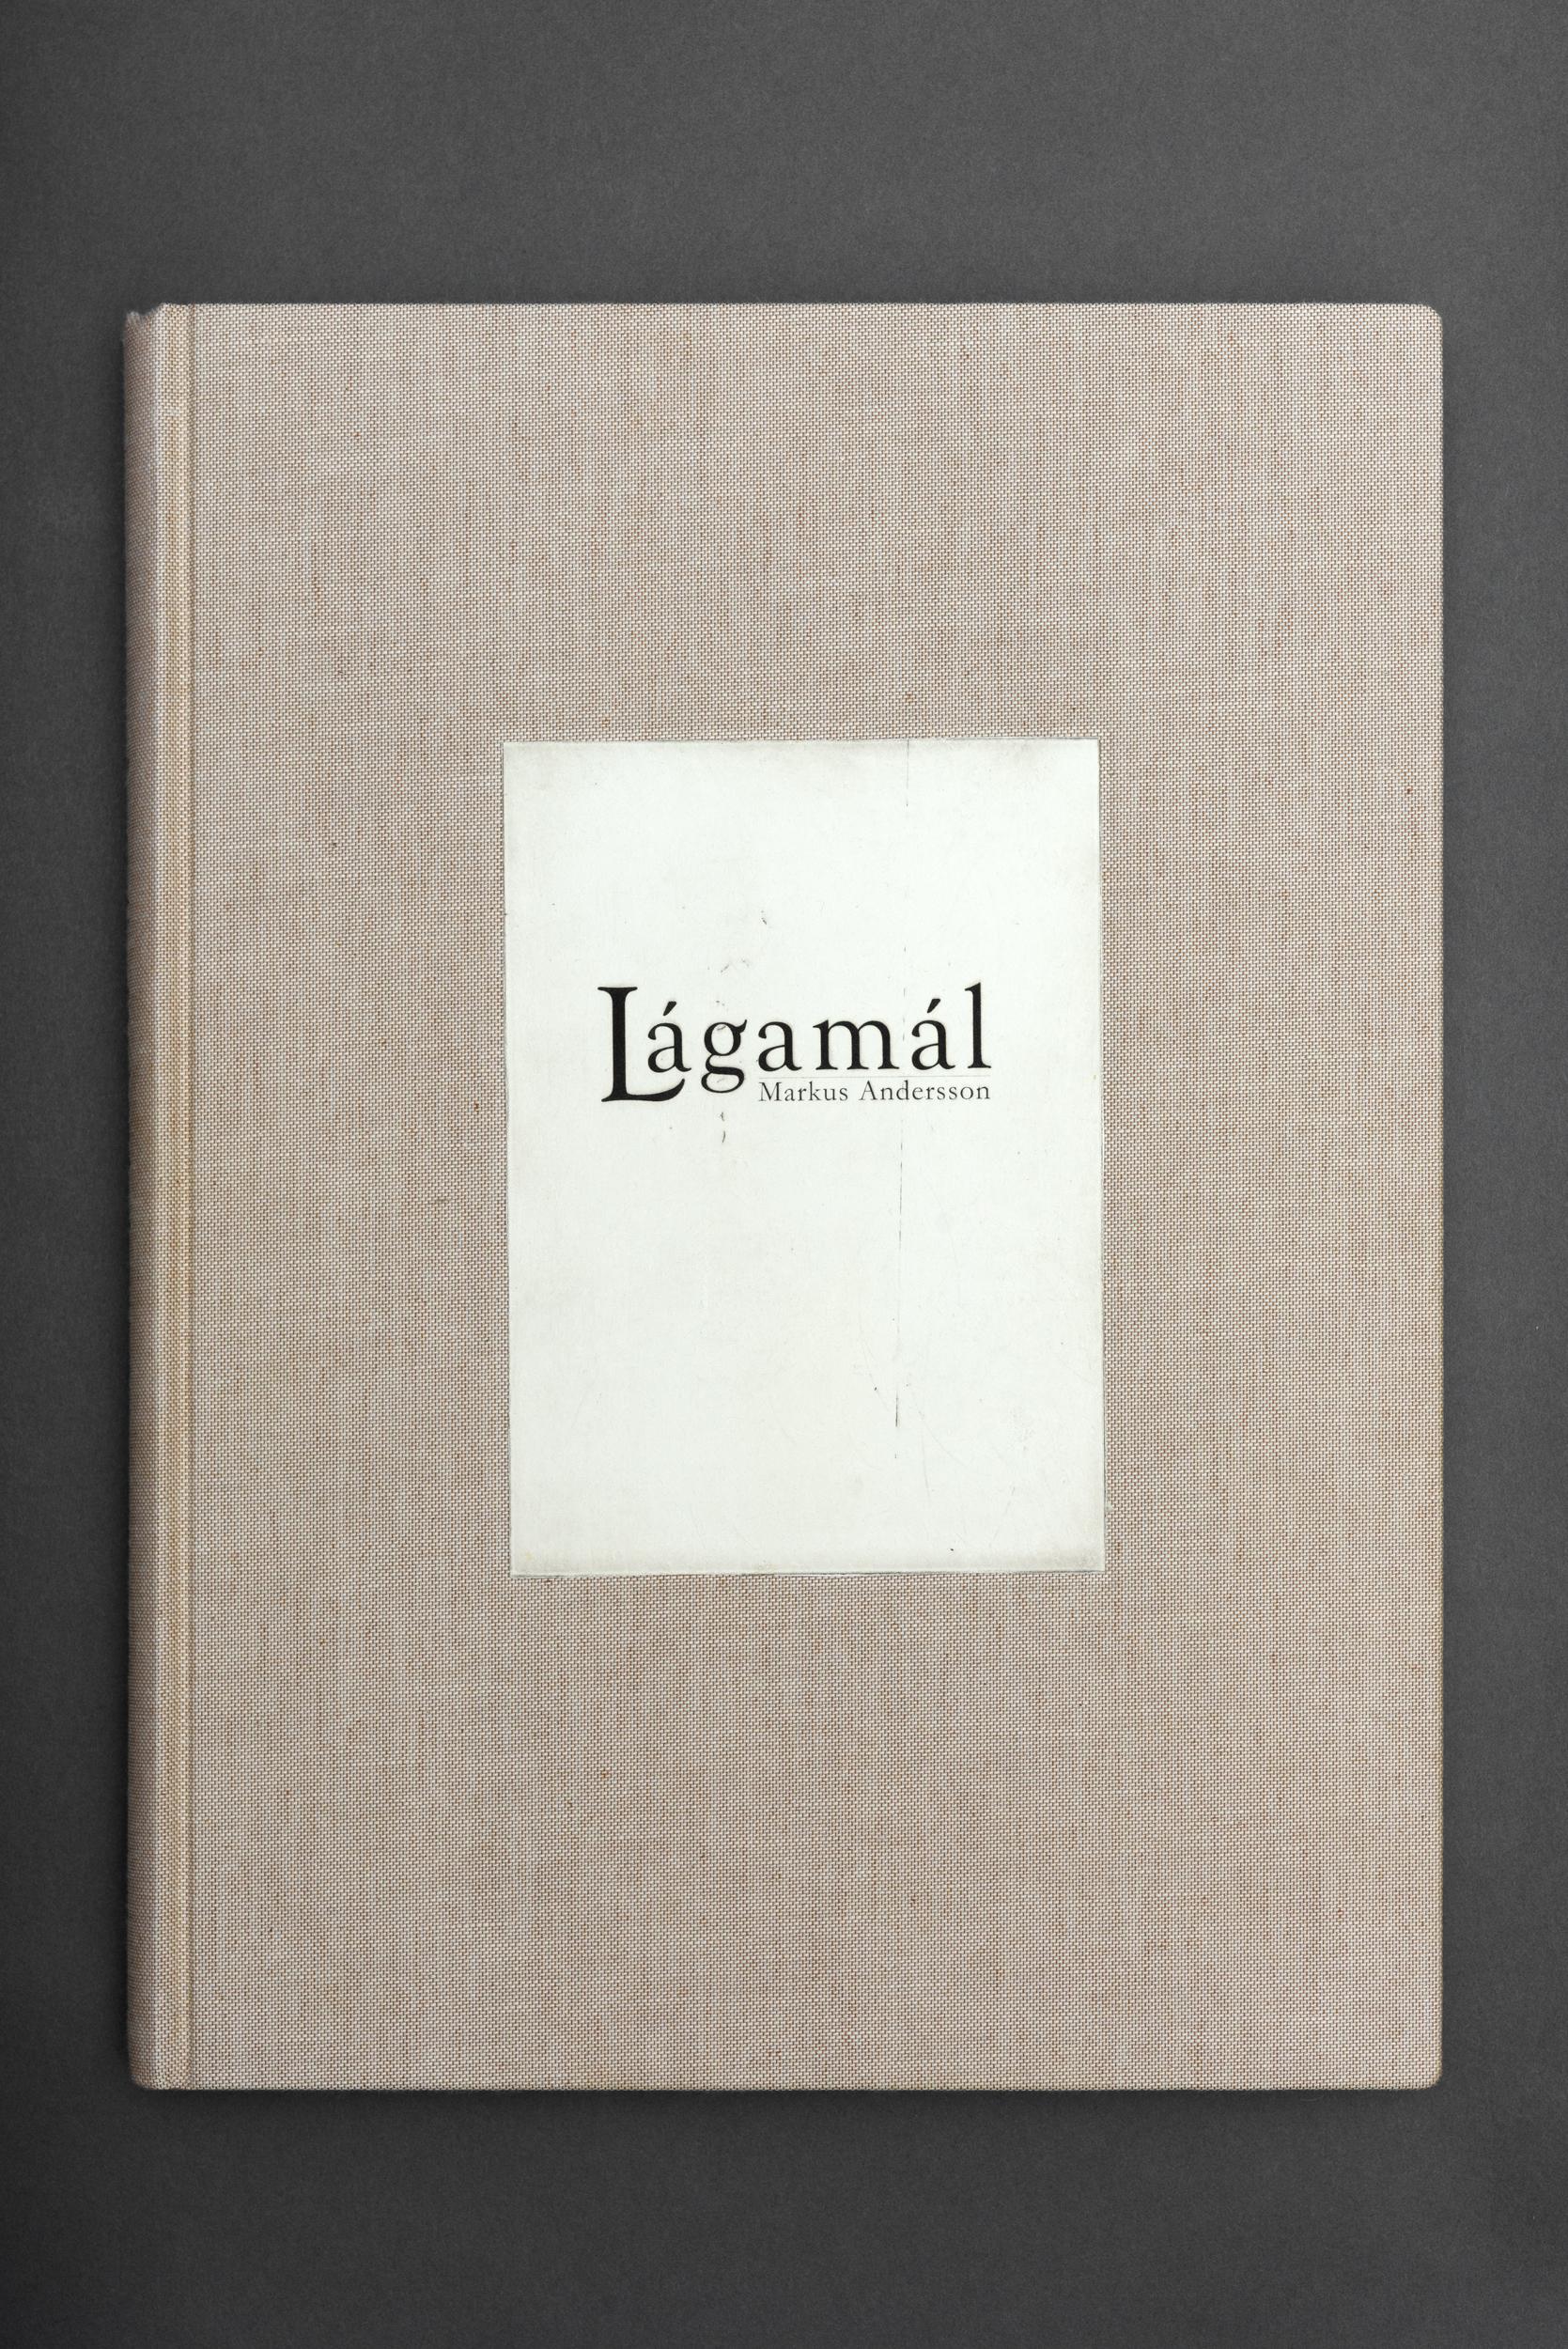 böcker-1486 klar.jpg